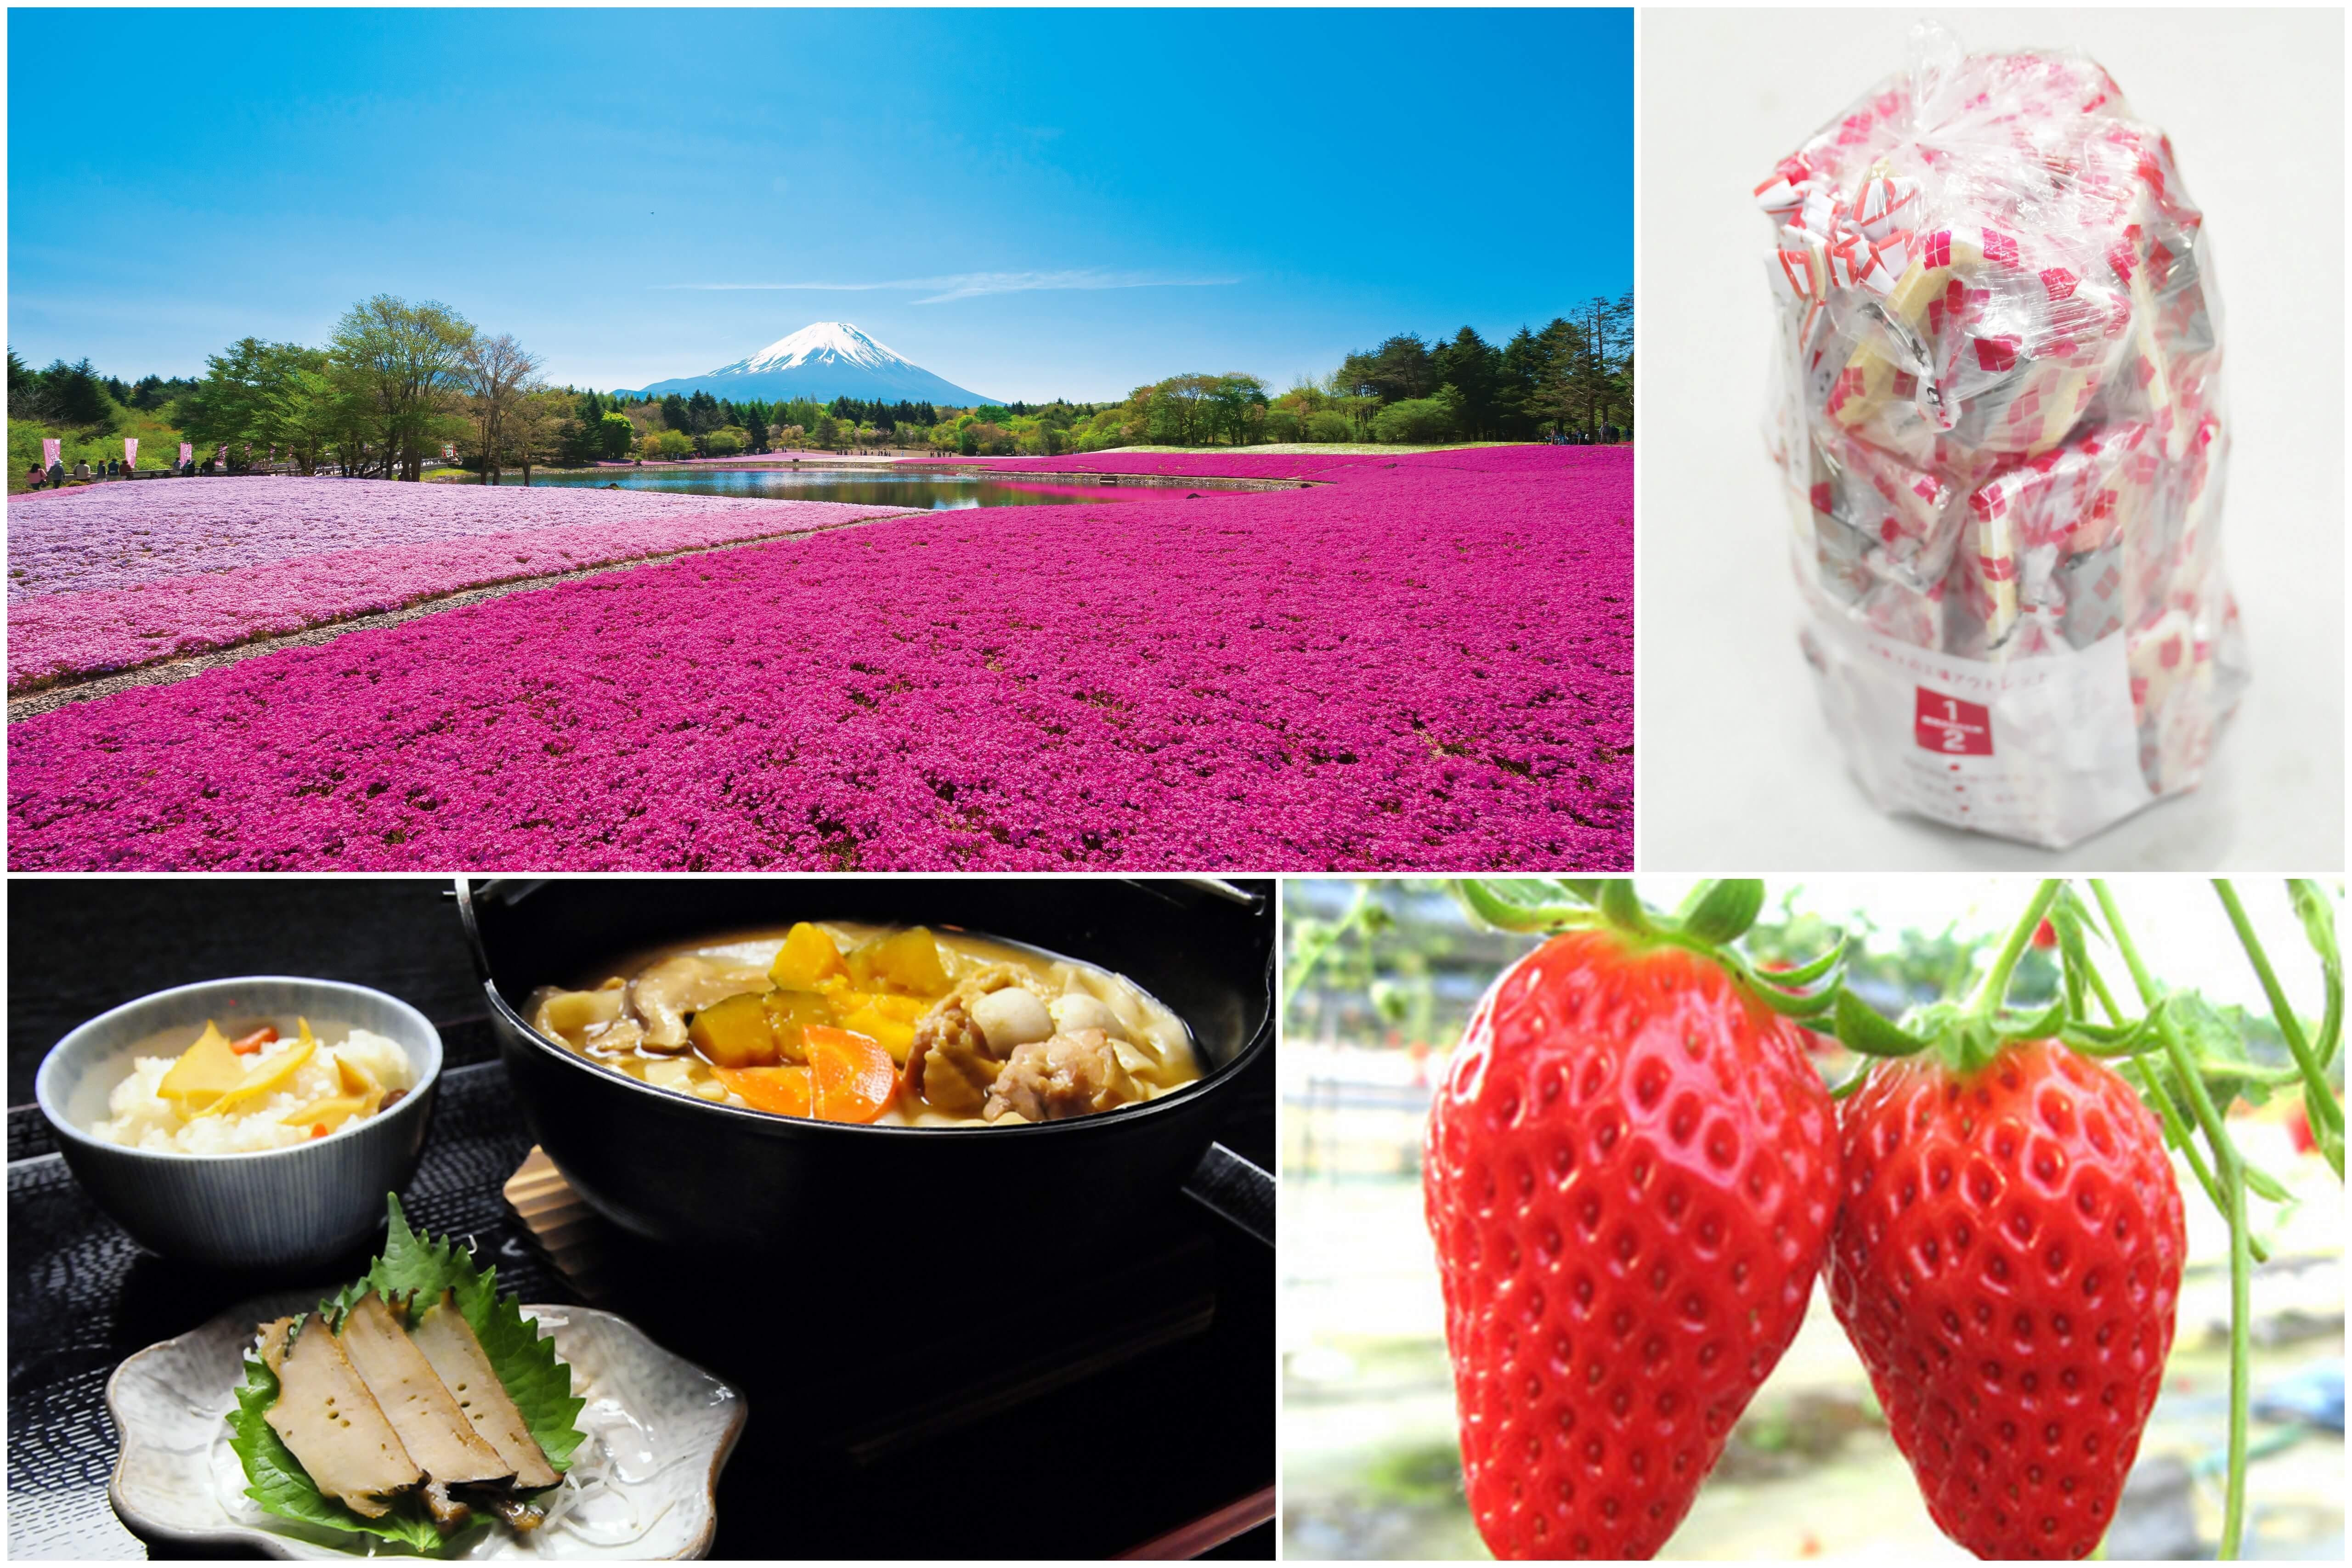 やまなしの春!『富士芝桜まつり』と人気の桔梗信玄餅詰め放題!シーズンラスト完熟いちご狩り